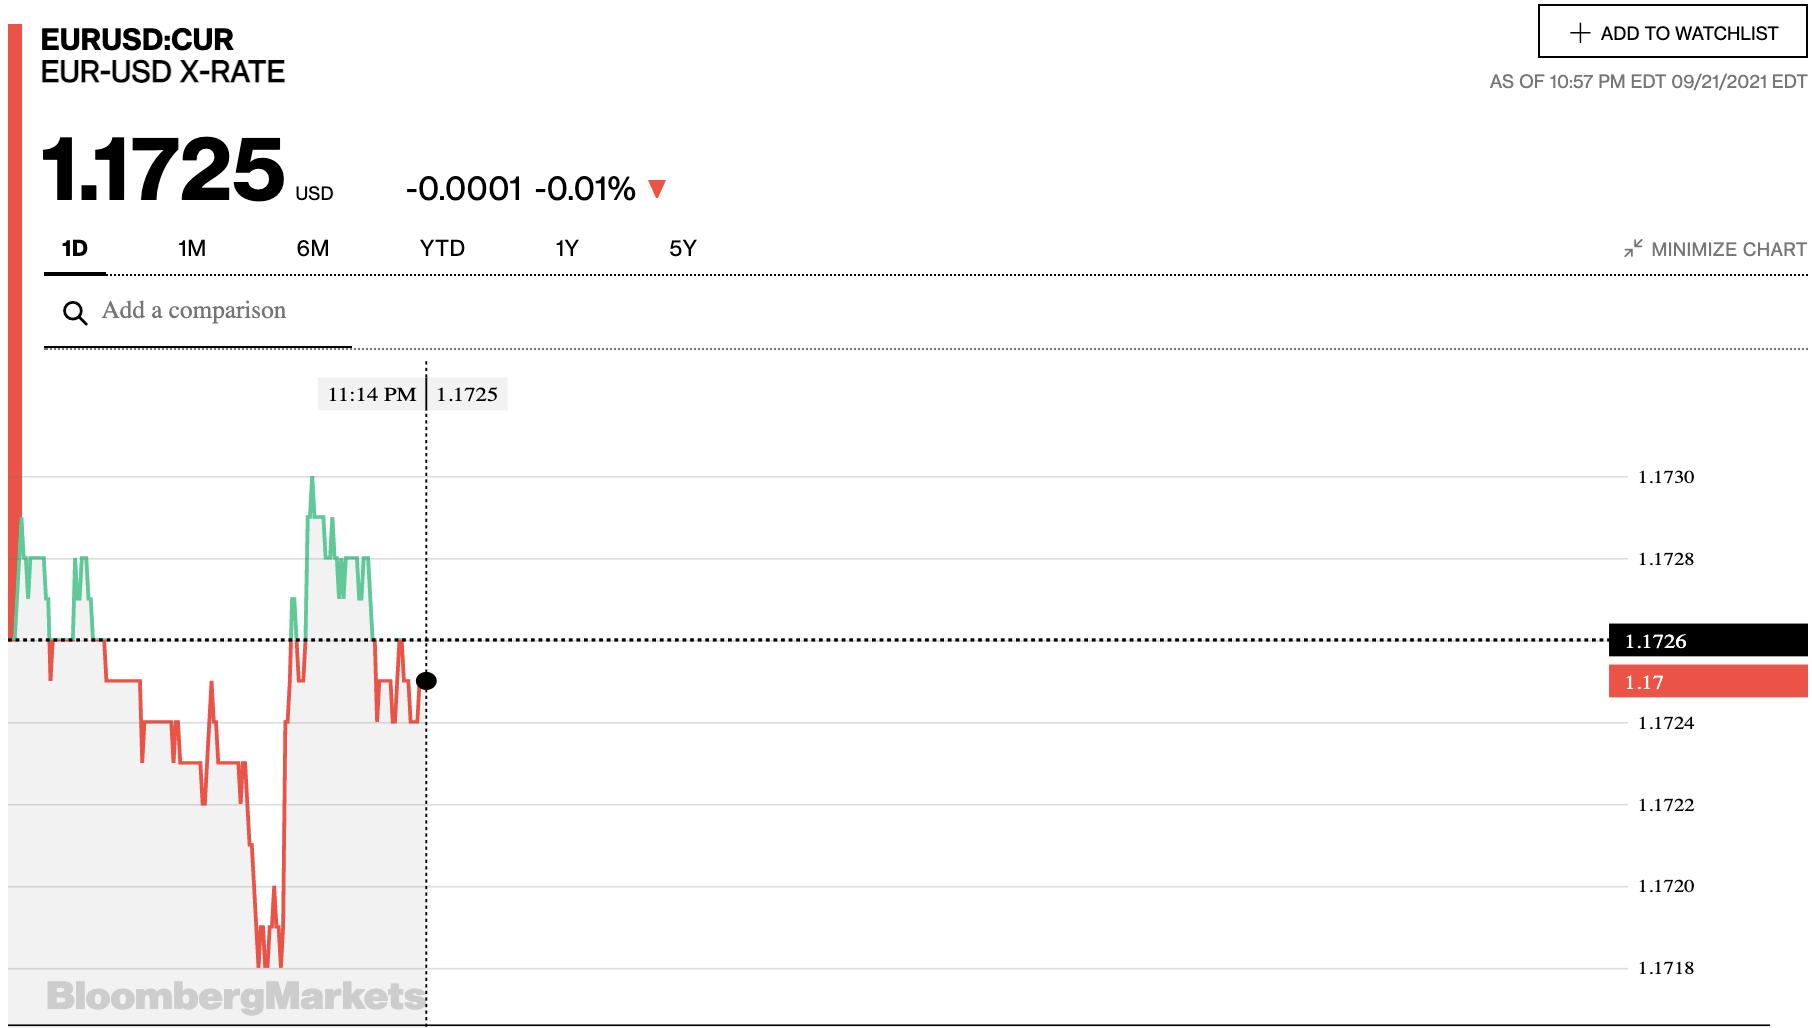 Tỷ giá euro hôm nay 22/9: Các ngân hàng lại quay đầu giảm đồng loạt - Ảnh 2.